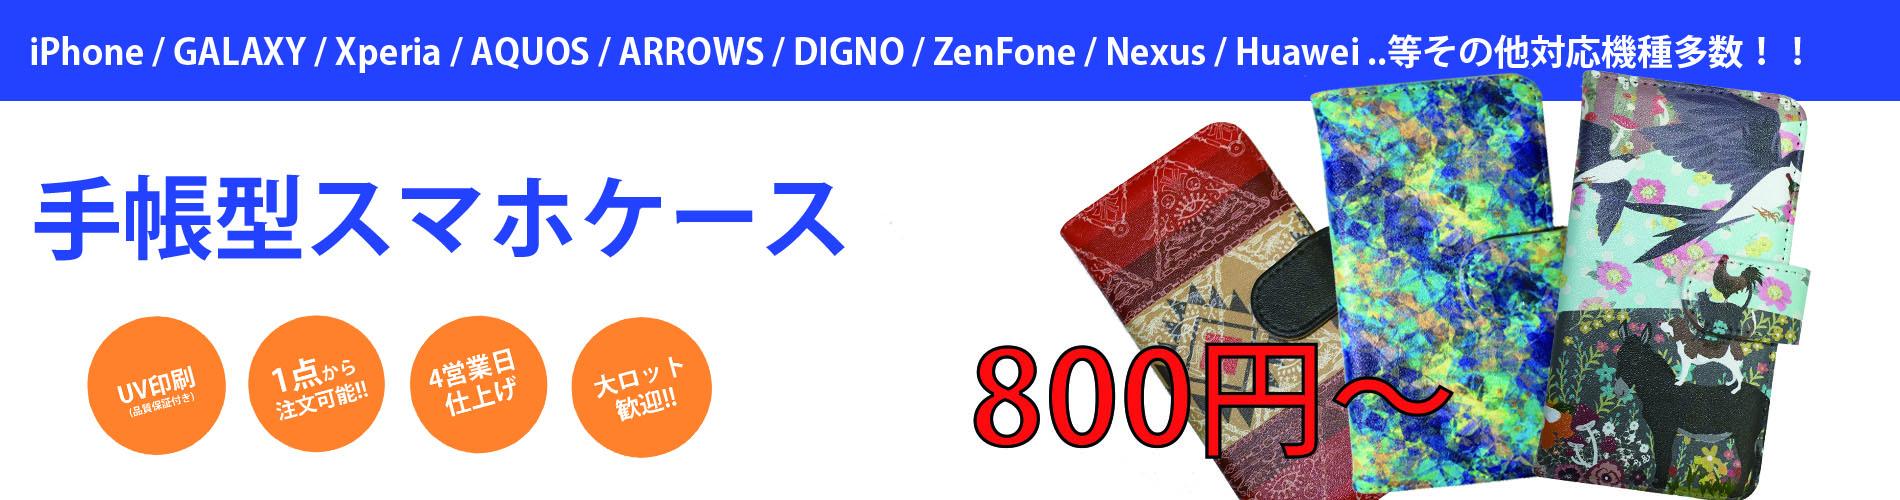 【激安】 Inc. ギガ24Port PoE+(380W)スマートスイッチ NETGEAR GS728TPP 日本語対応-無線LAN・ネットワーク機器